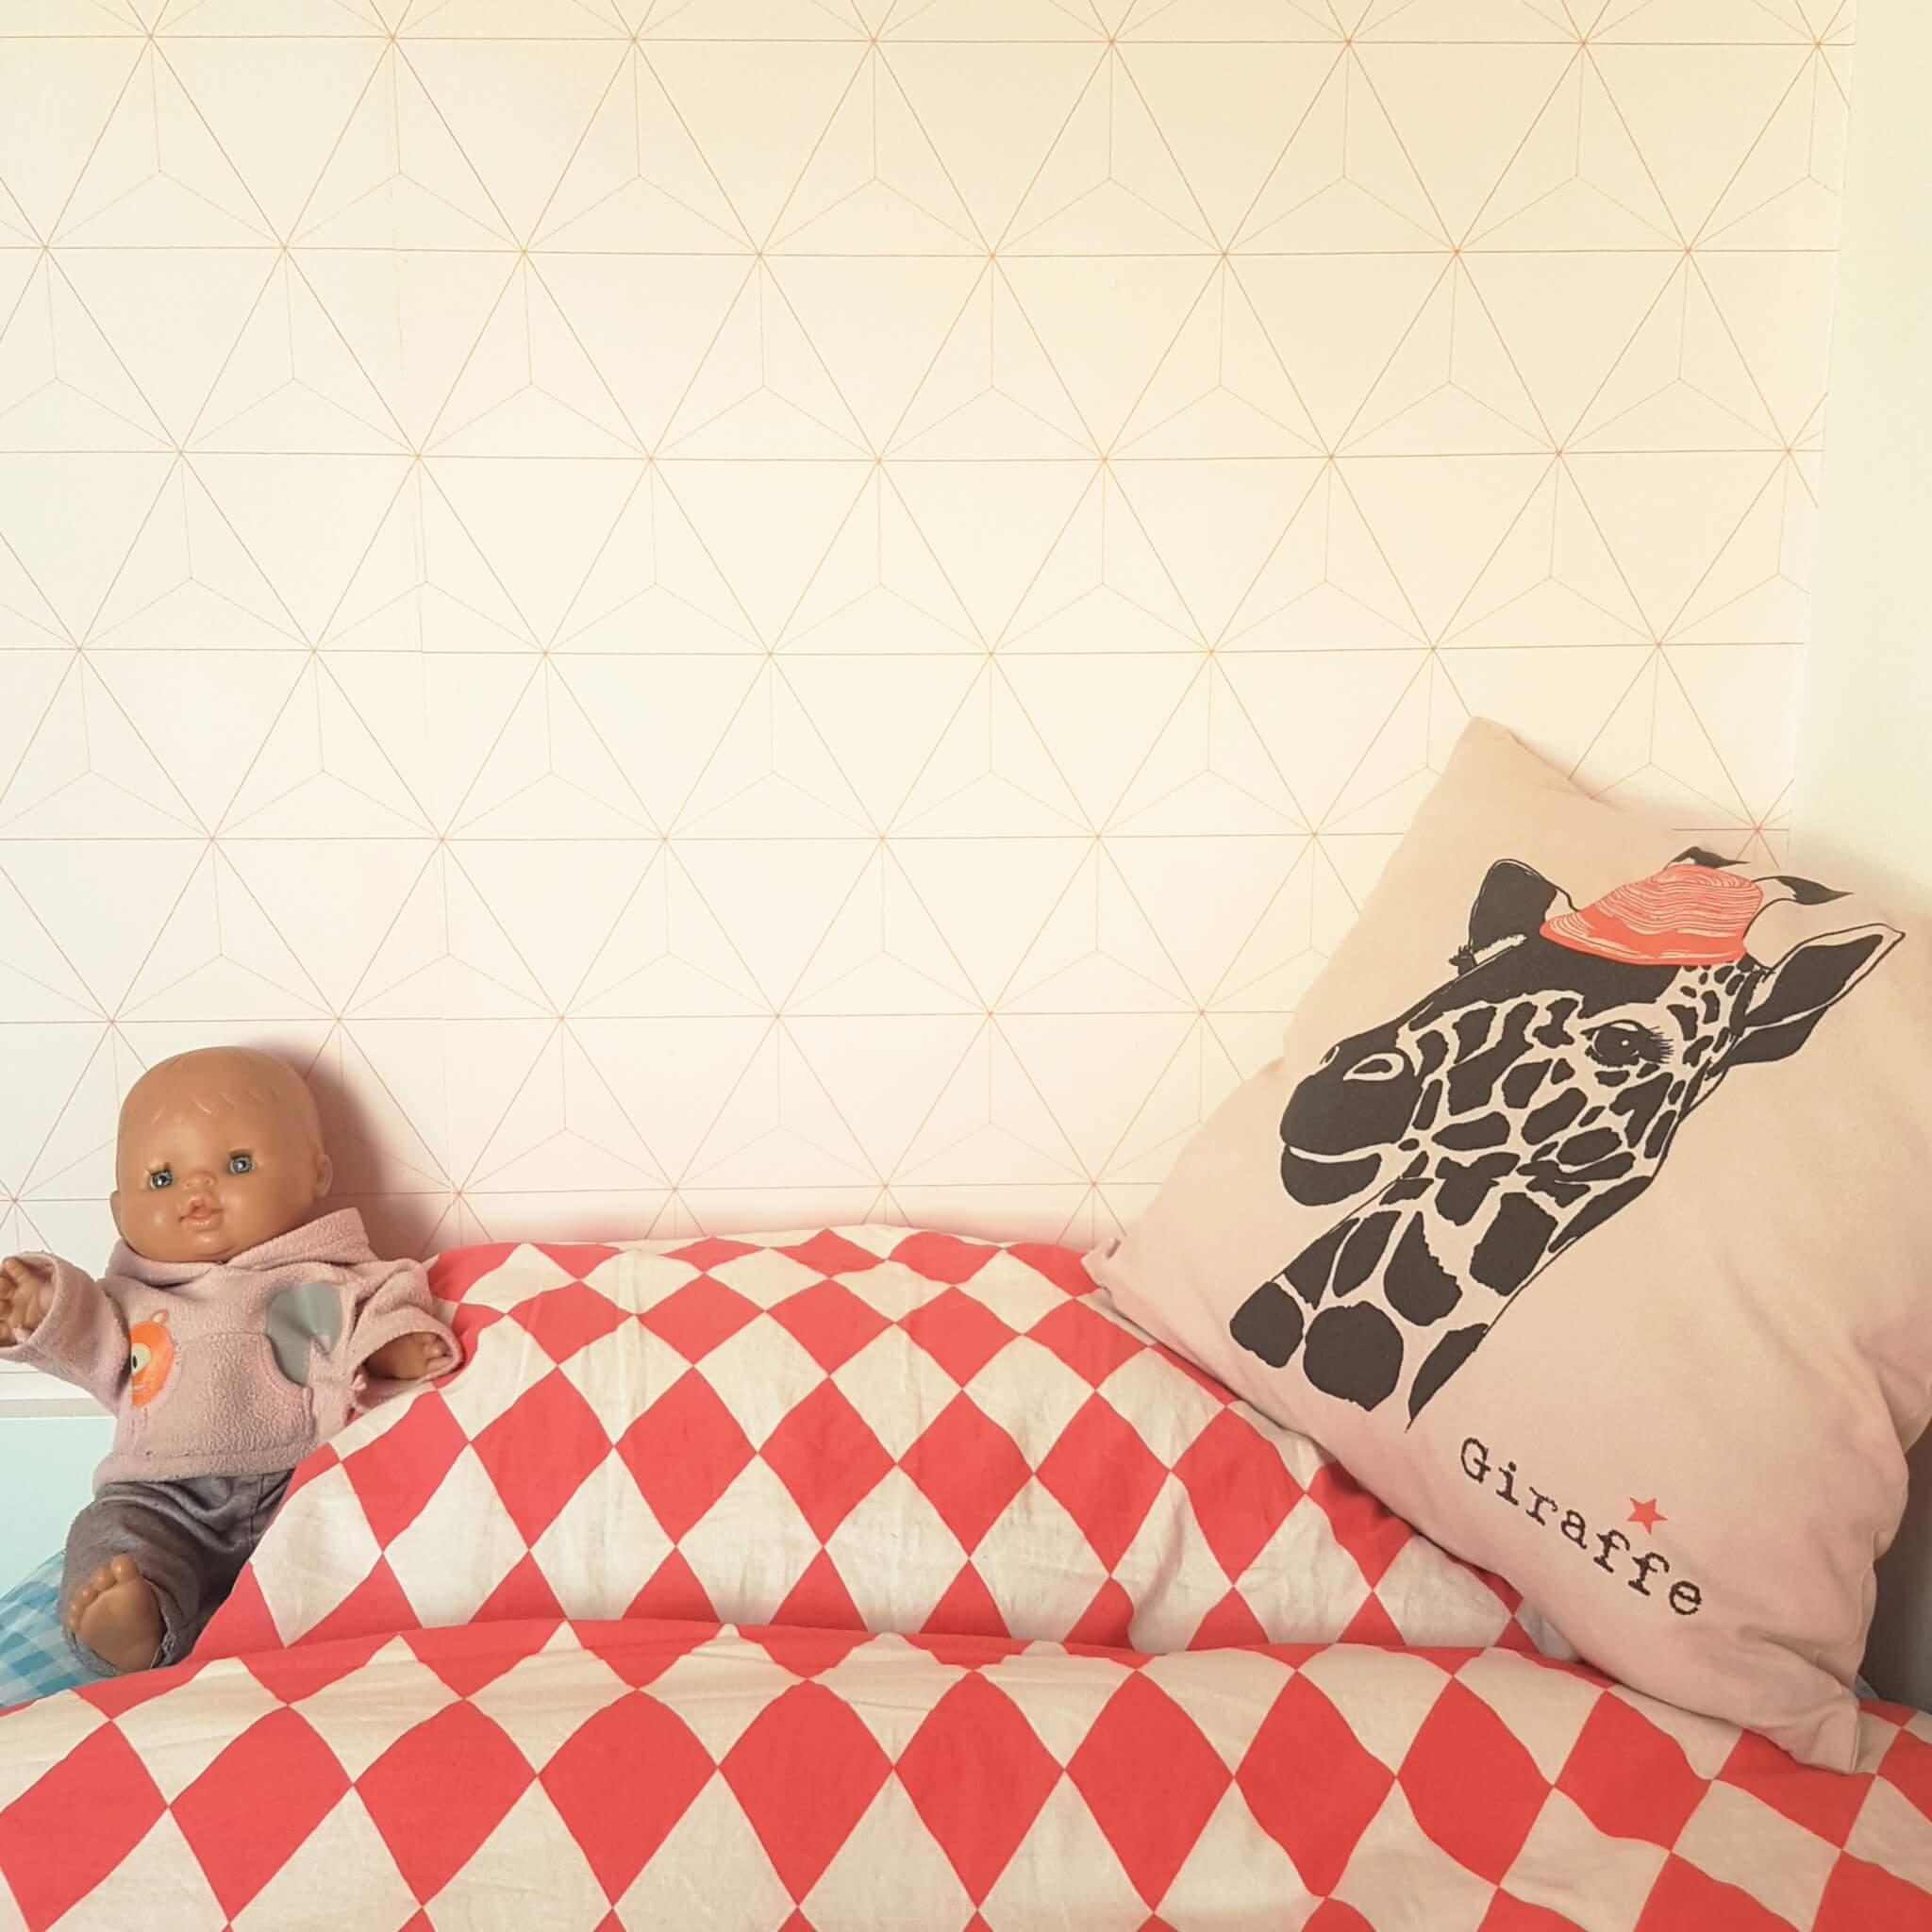 Behang en muurstickers: de leukste keuzes voor de kinderkamer - Eiffinger roze geometrische ruit driehoek bij Karwei